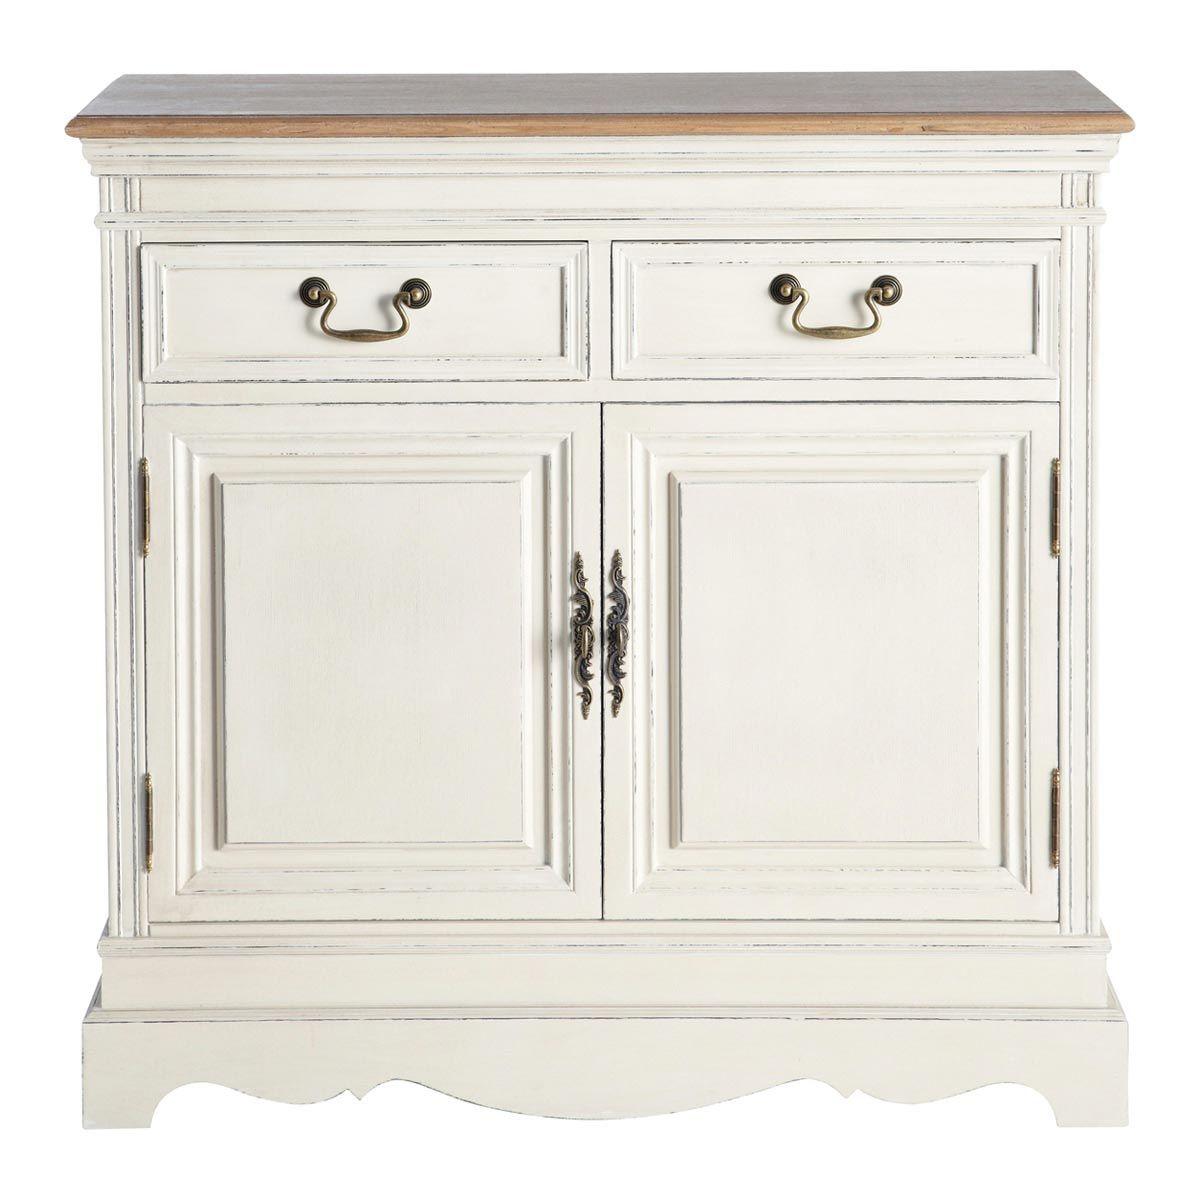 aparador de cocina de puertas blanco marfil lontine